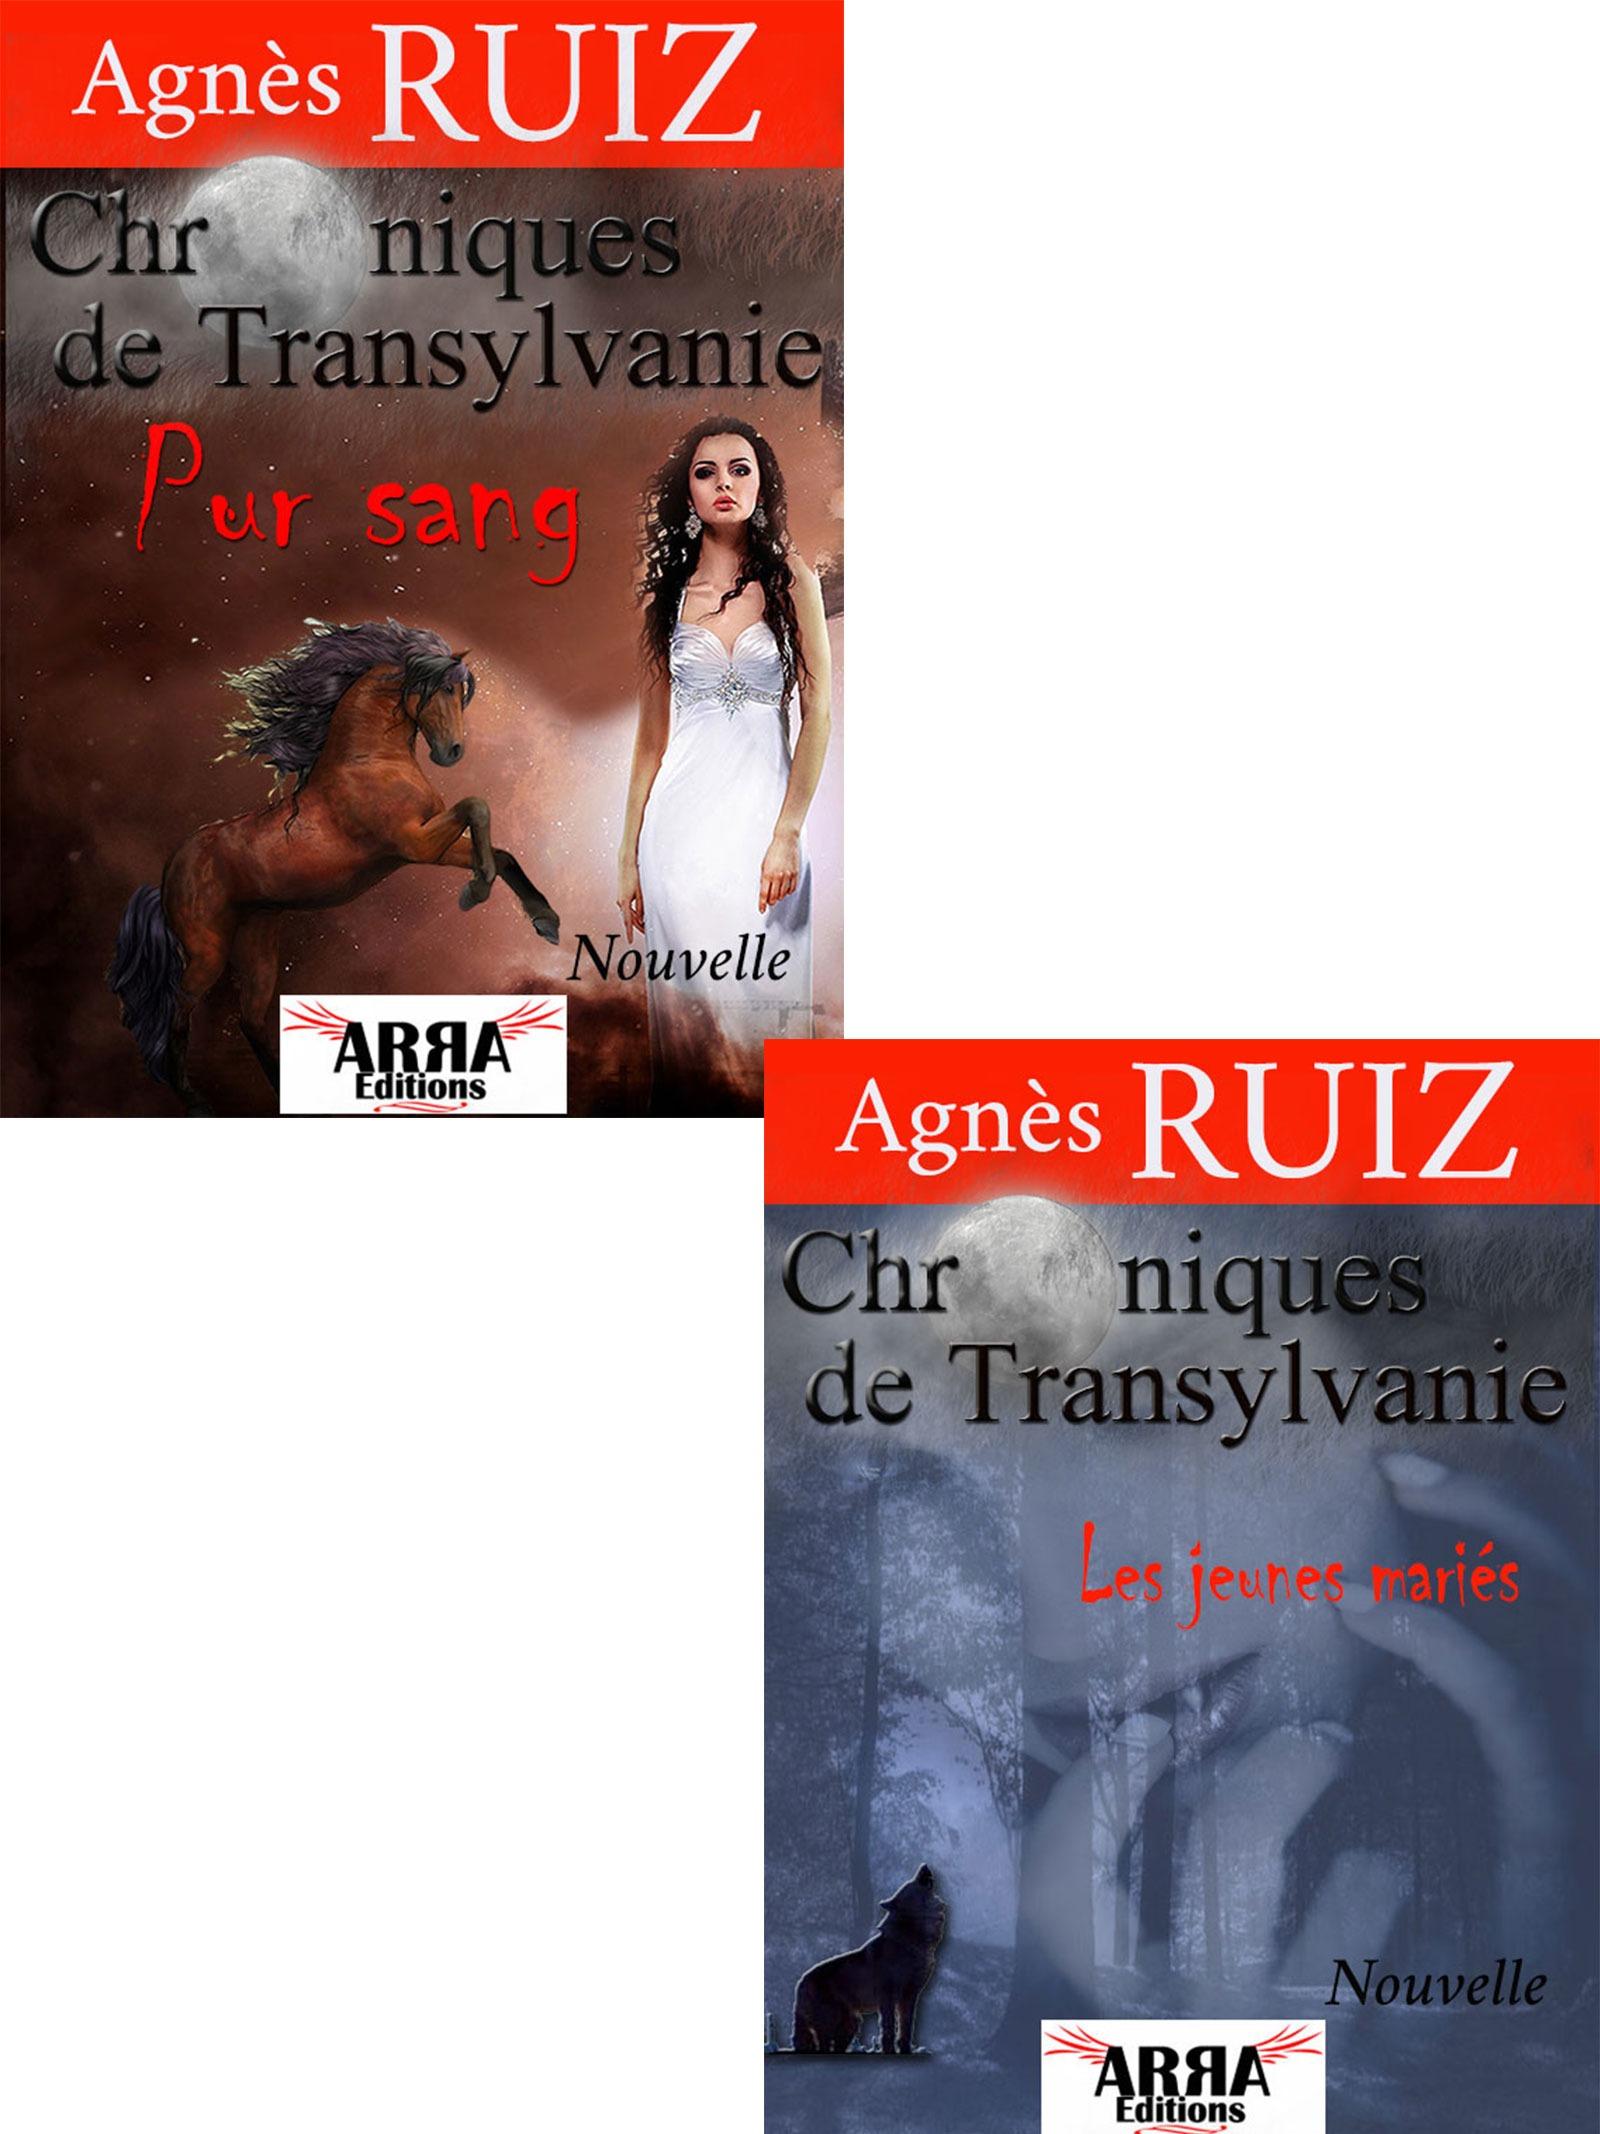 Chroniques de Transylvanie, les jeunes mariés et pur sang